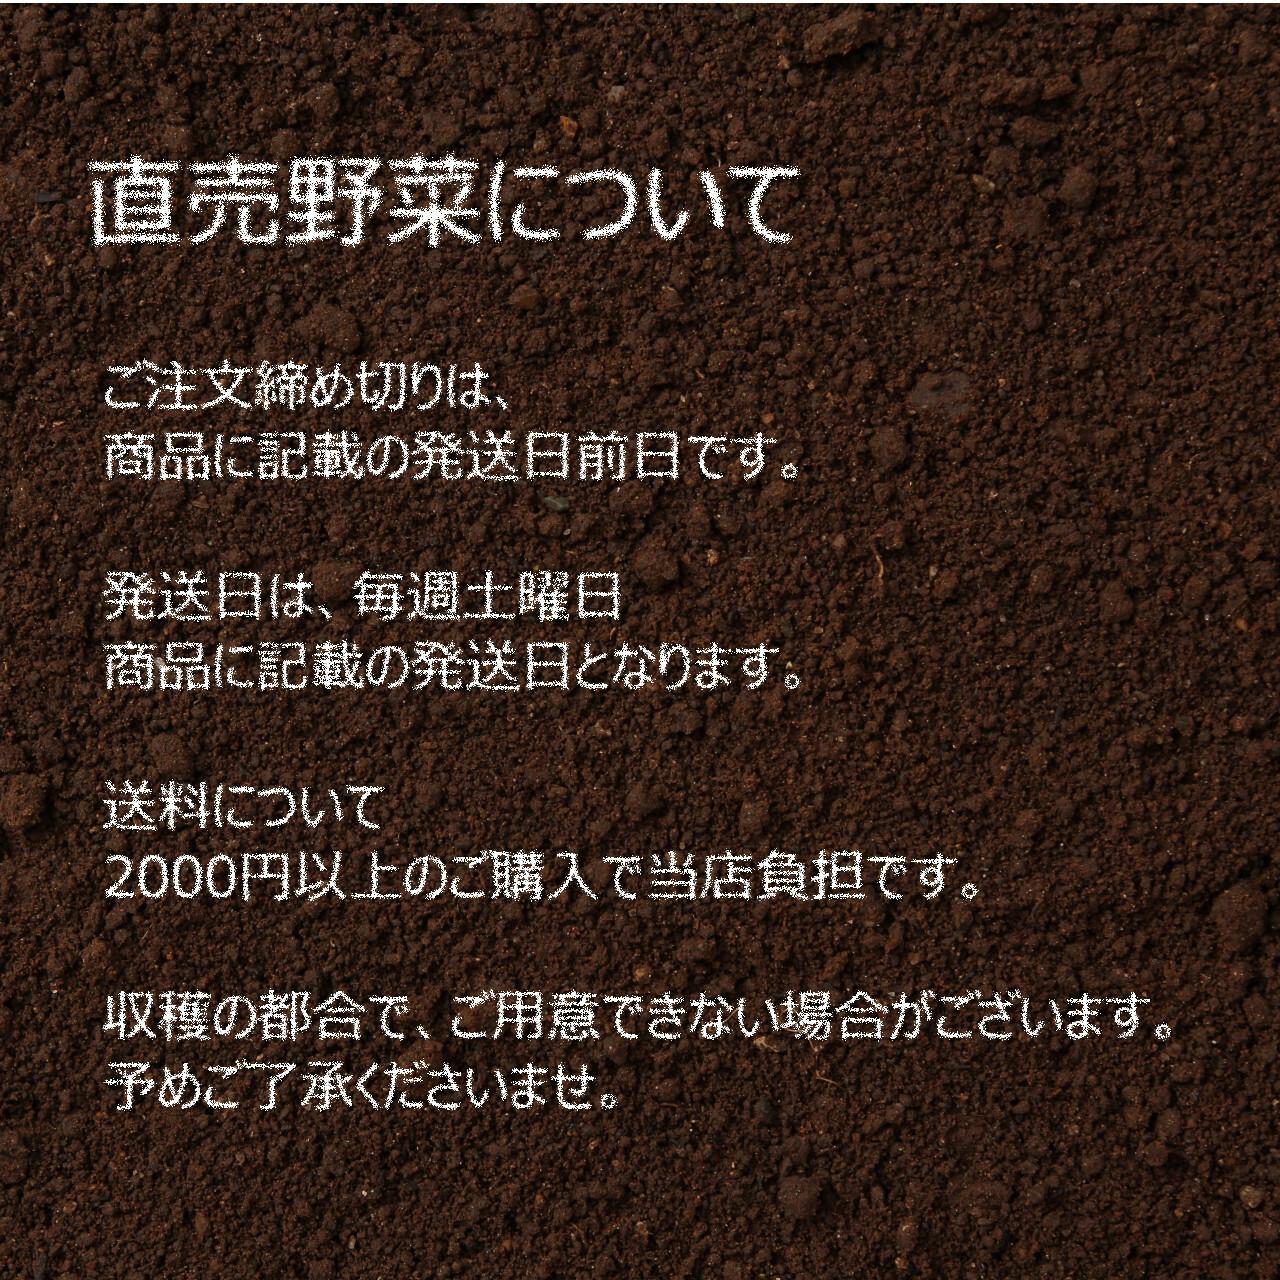 新鮮な秋野菜 : キュウリ 3~4本 9月の朝採り直売野菜 9月28日発送予定